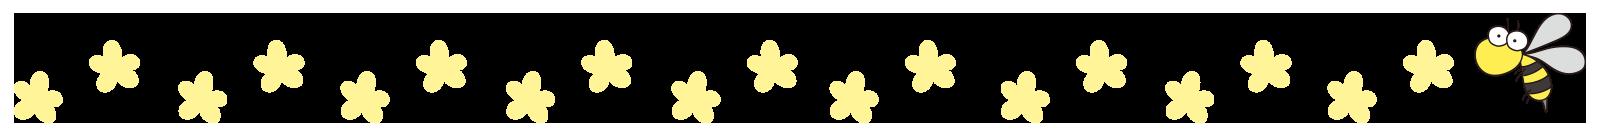 黄色い花と蜂のライン